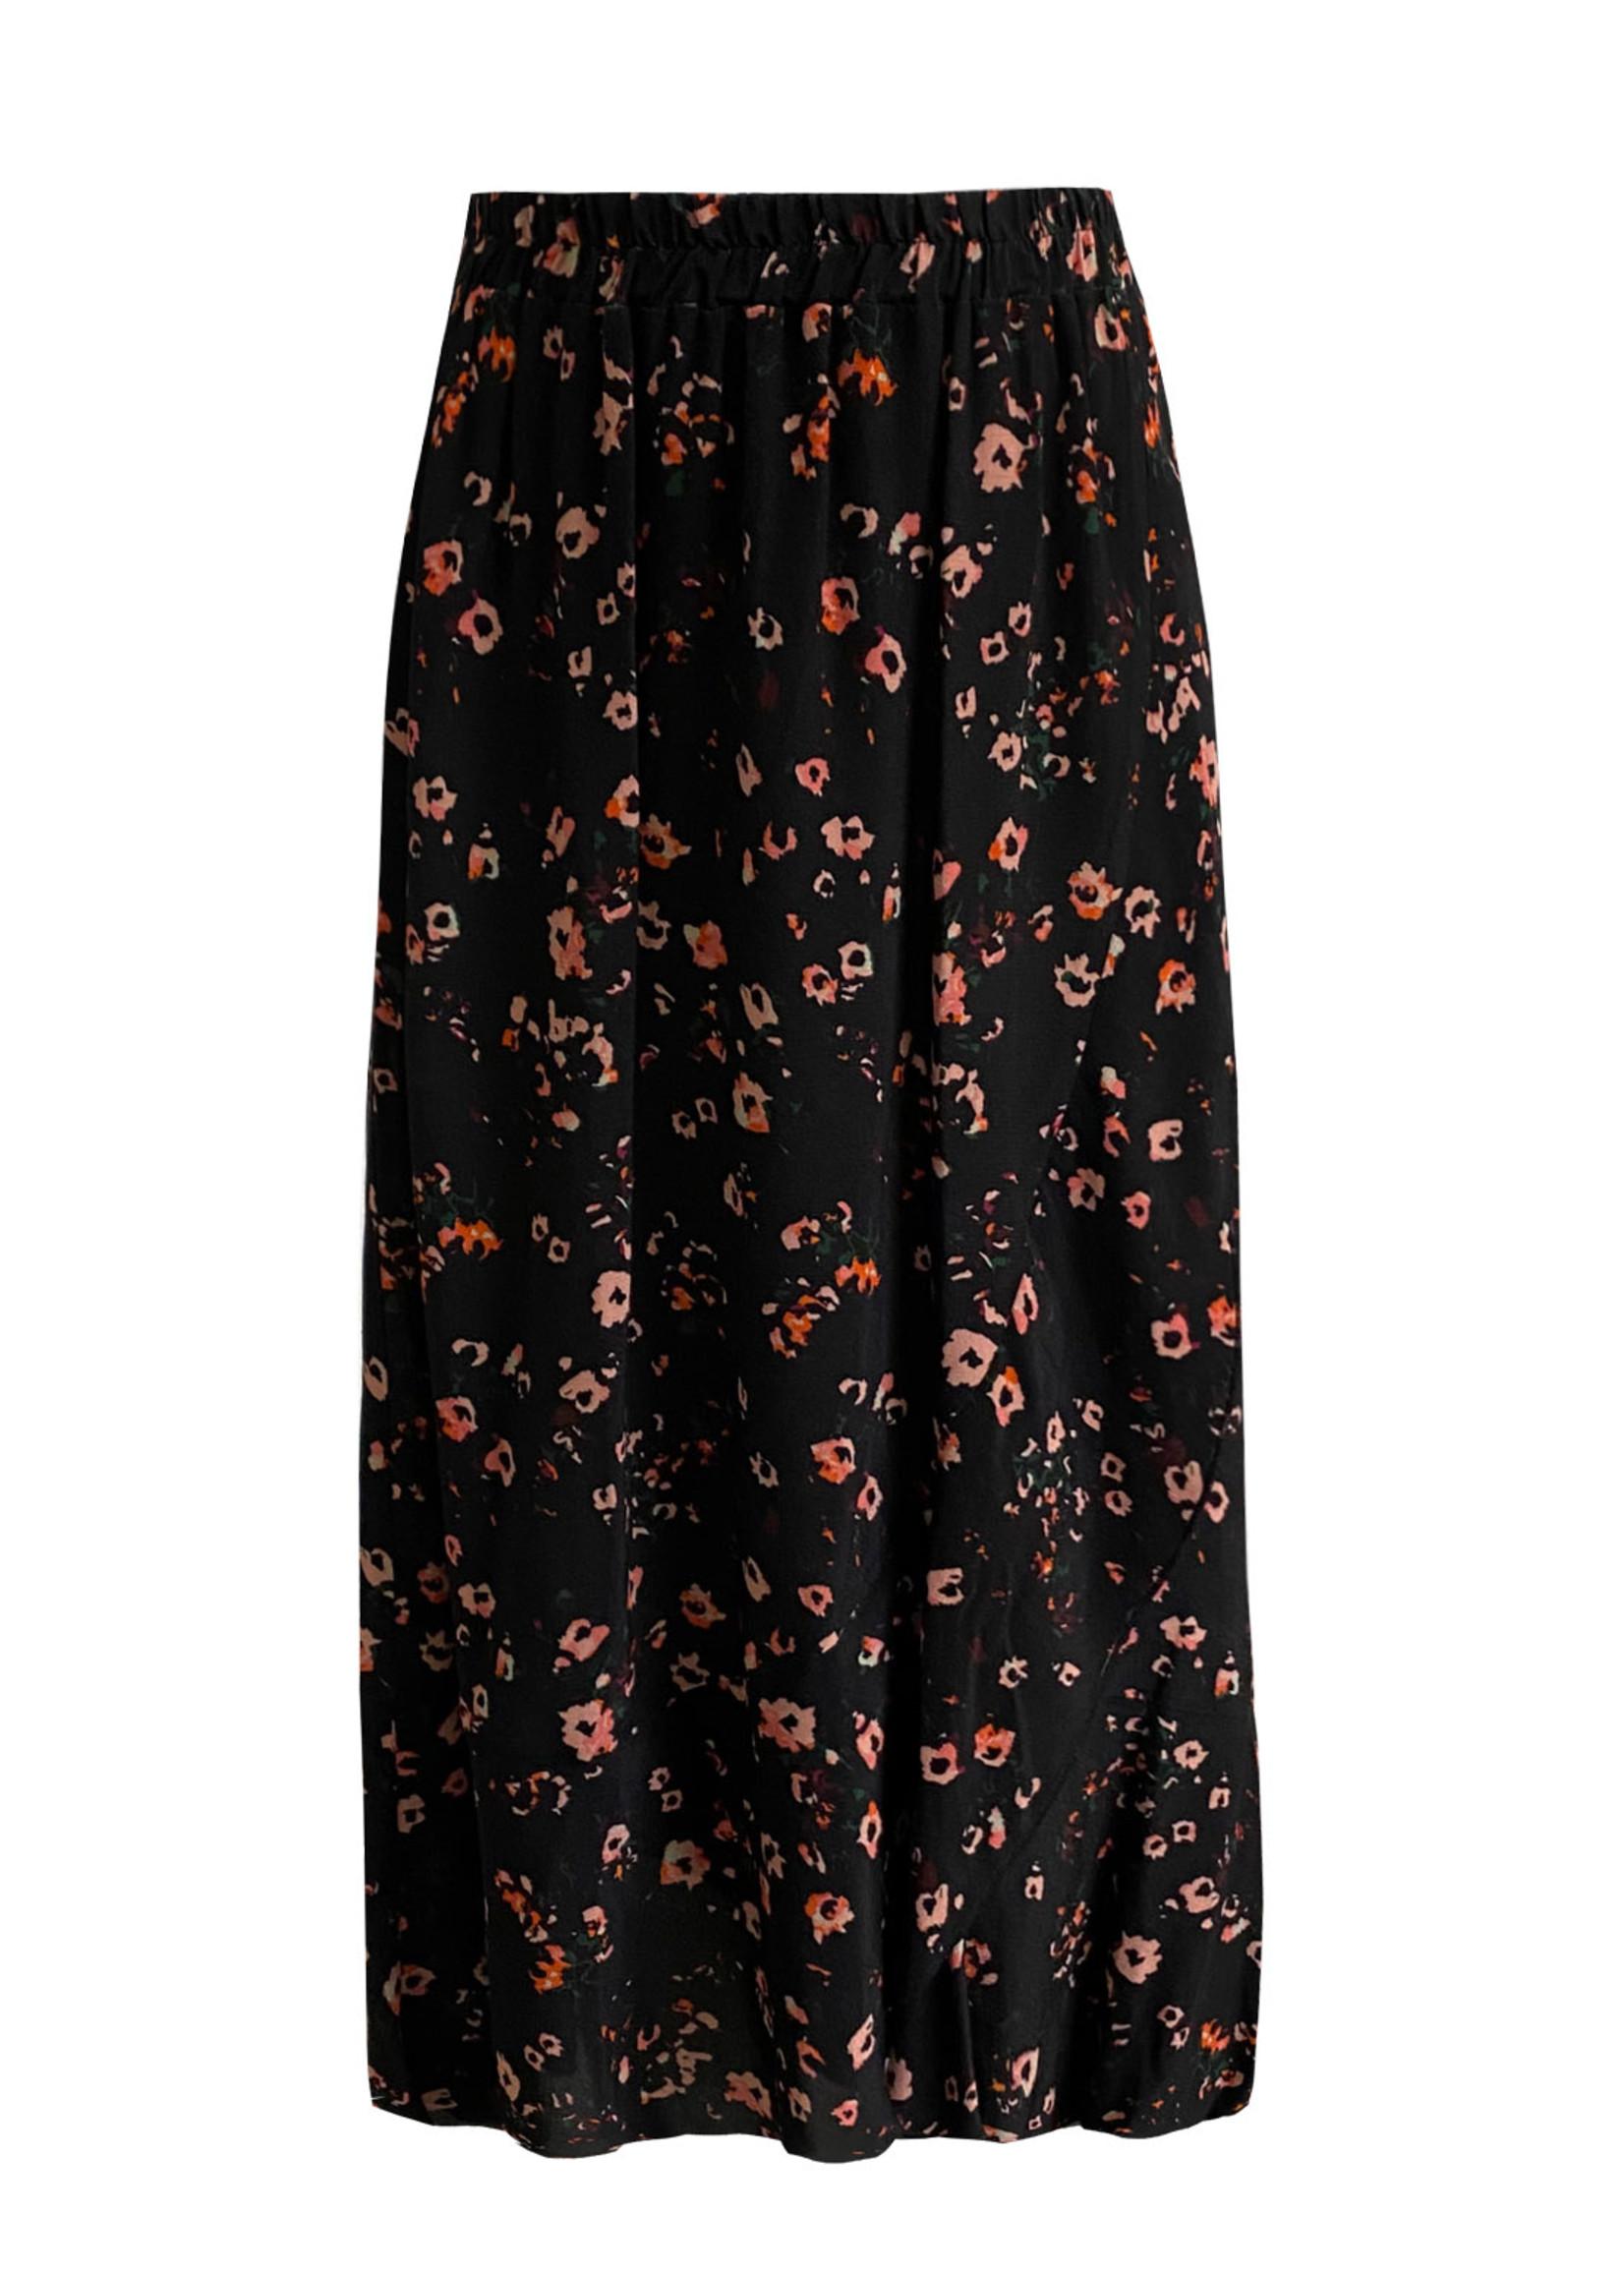 Elvira Collections Elvira Collections Yade Skirt